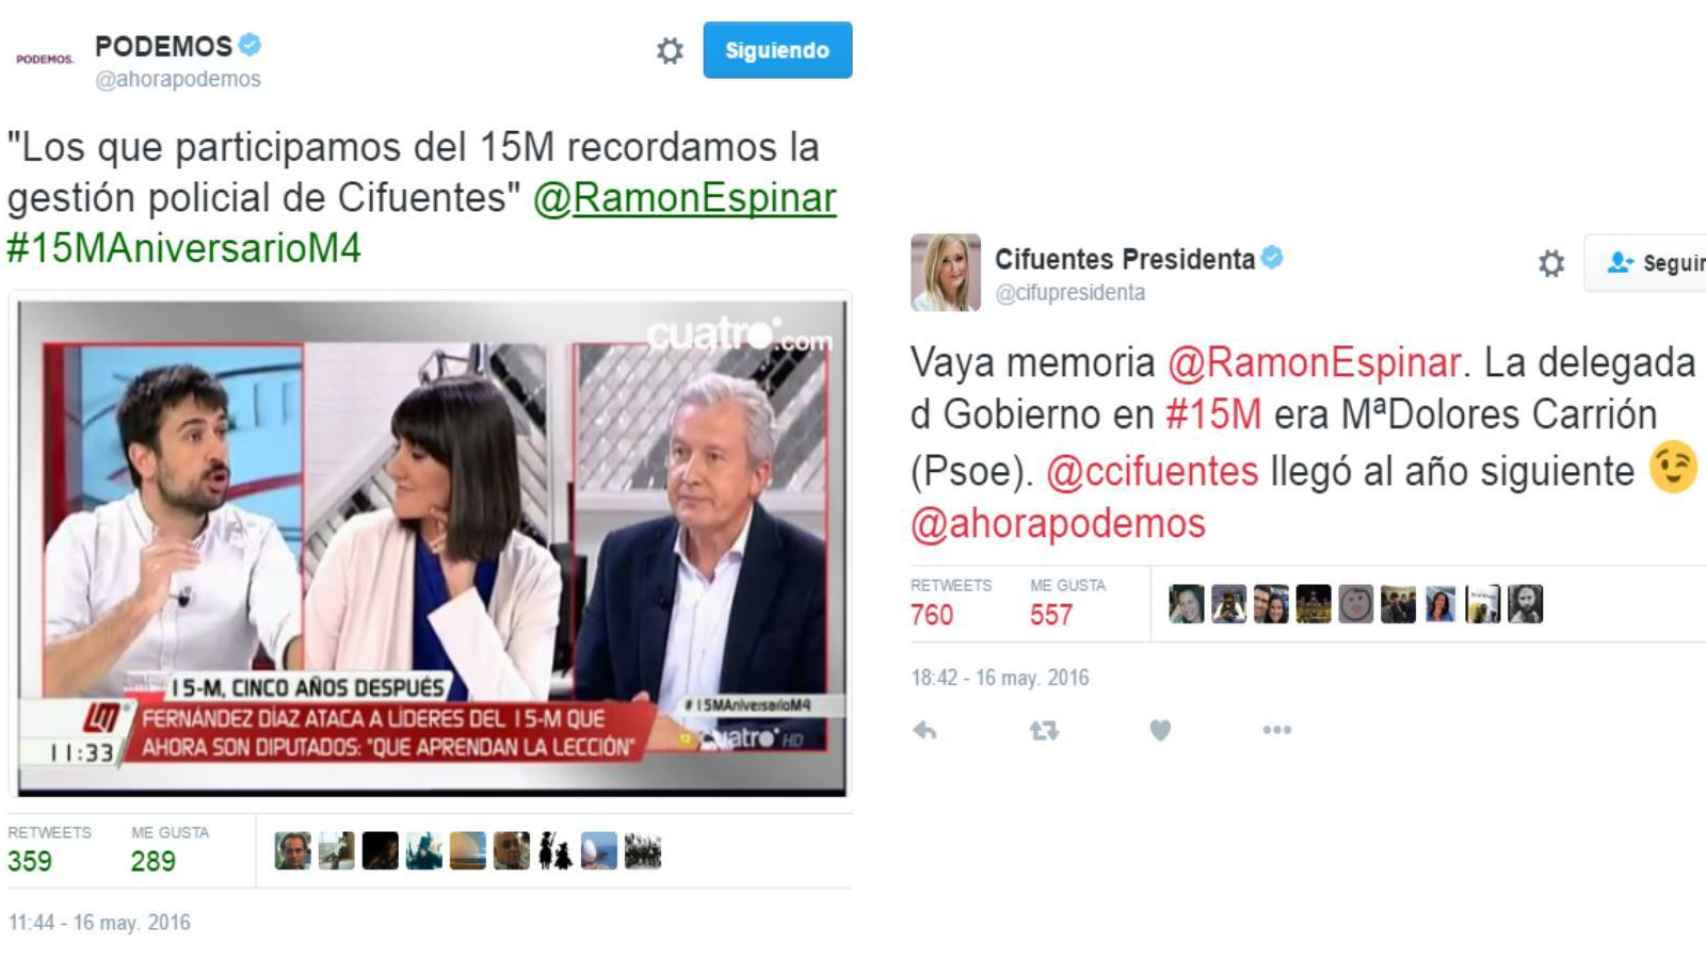 El intercambio de tuits entre las cuentas de Podemos y el equipo de Cifuentes